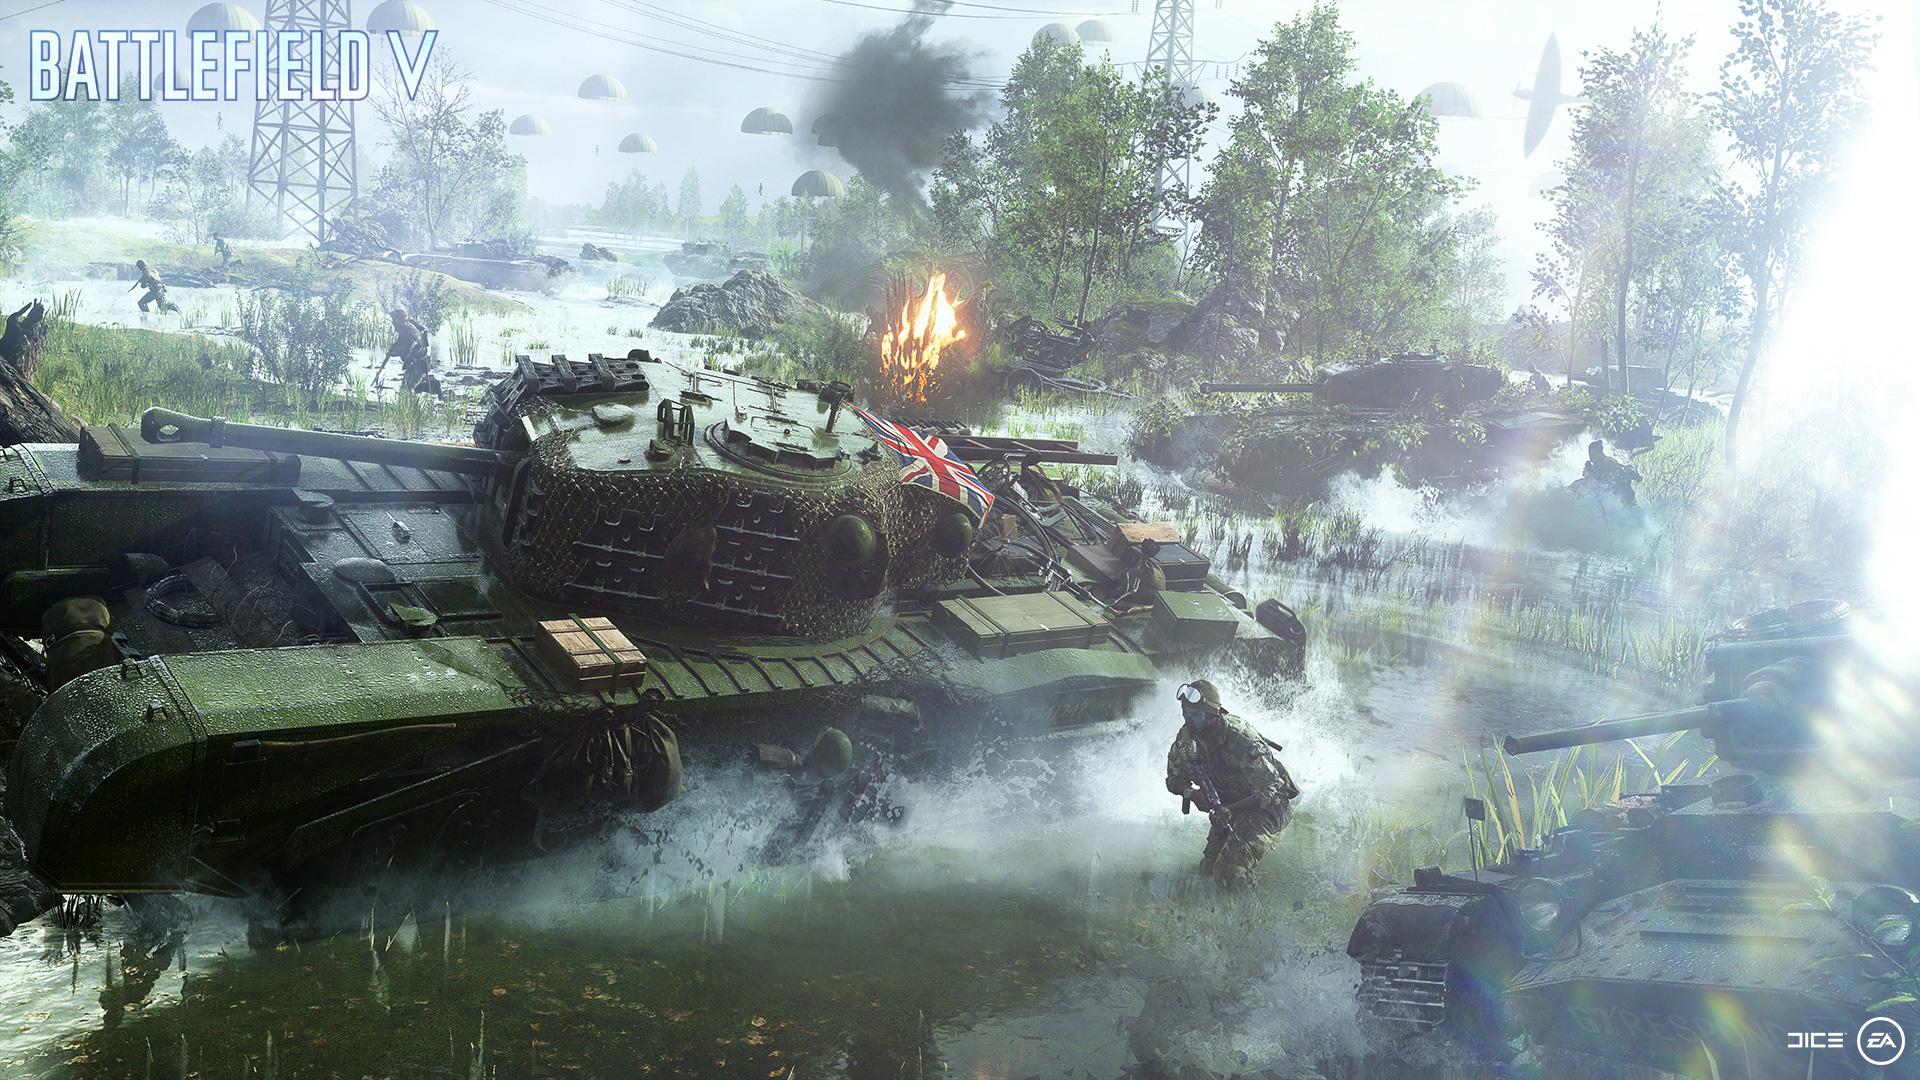 http://www.idgtv.es/archivos/201805/battlefield-v-img12.jpg